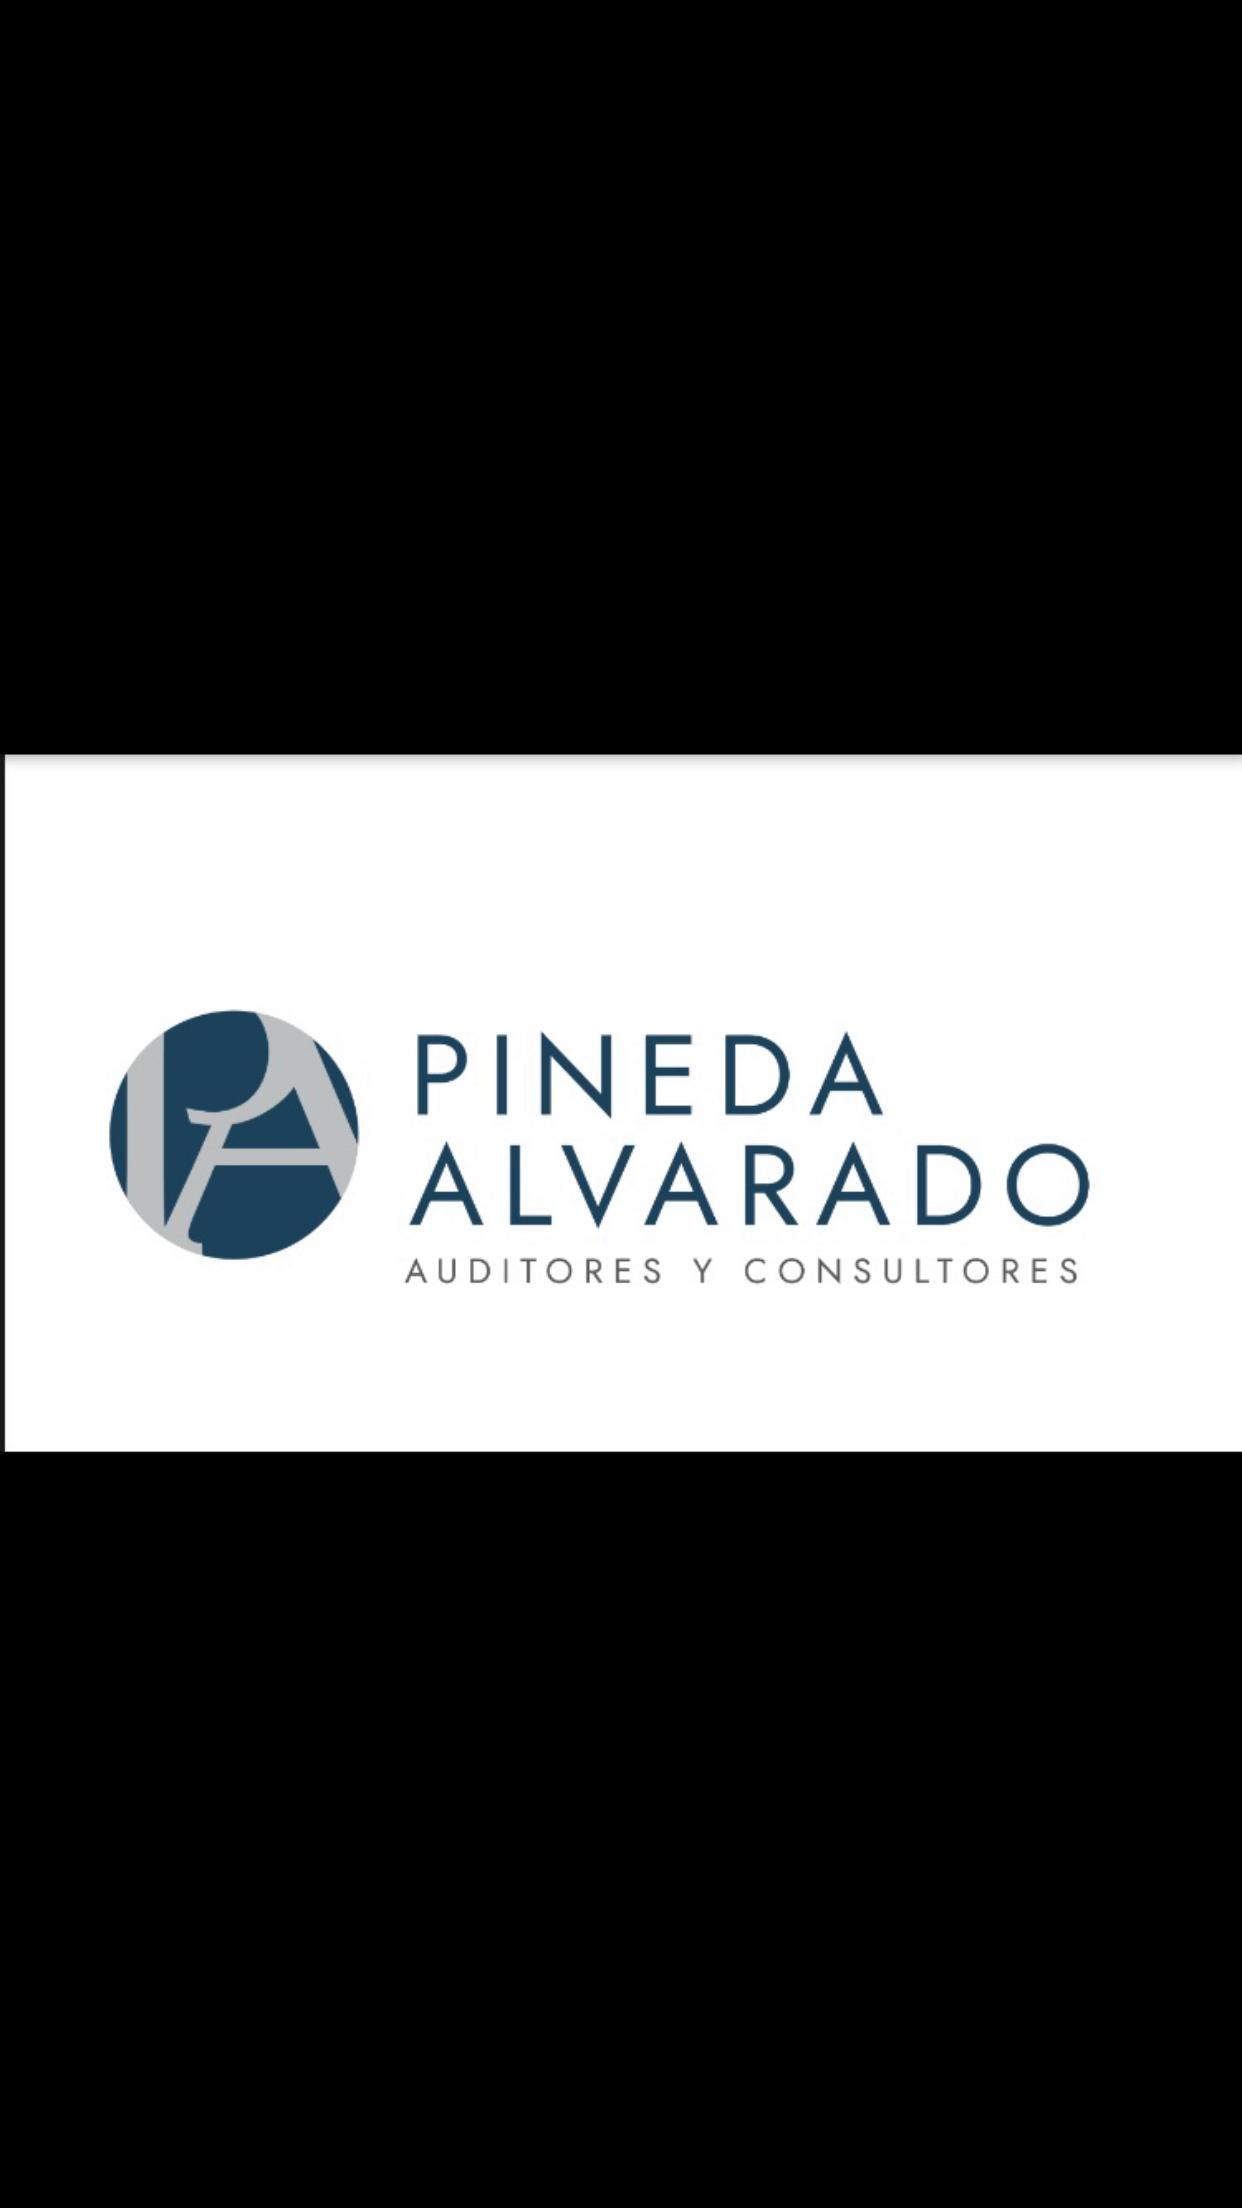 Pineda Alvarado auditores y consultores